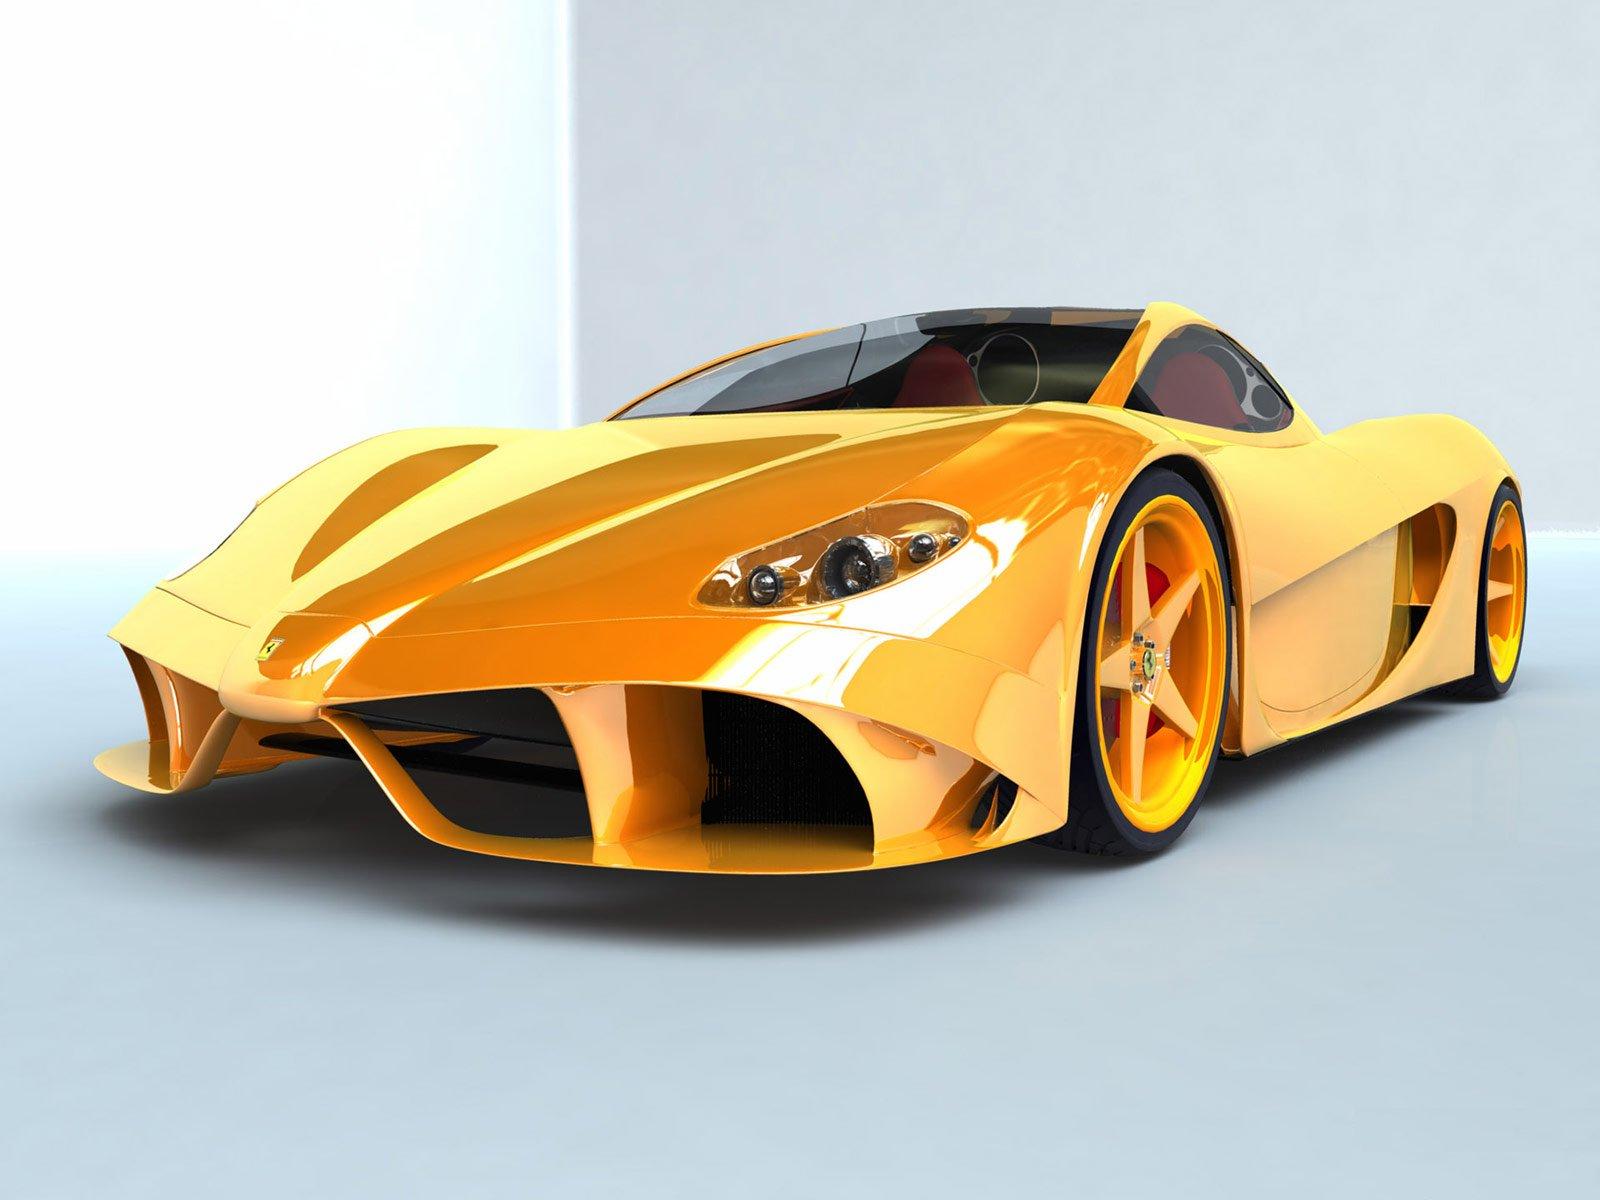 Aurea Ferrari Concept Car